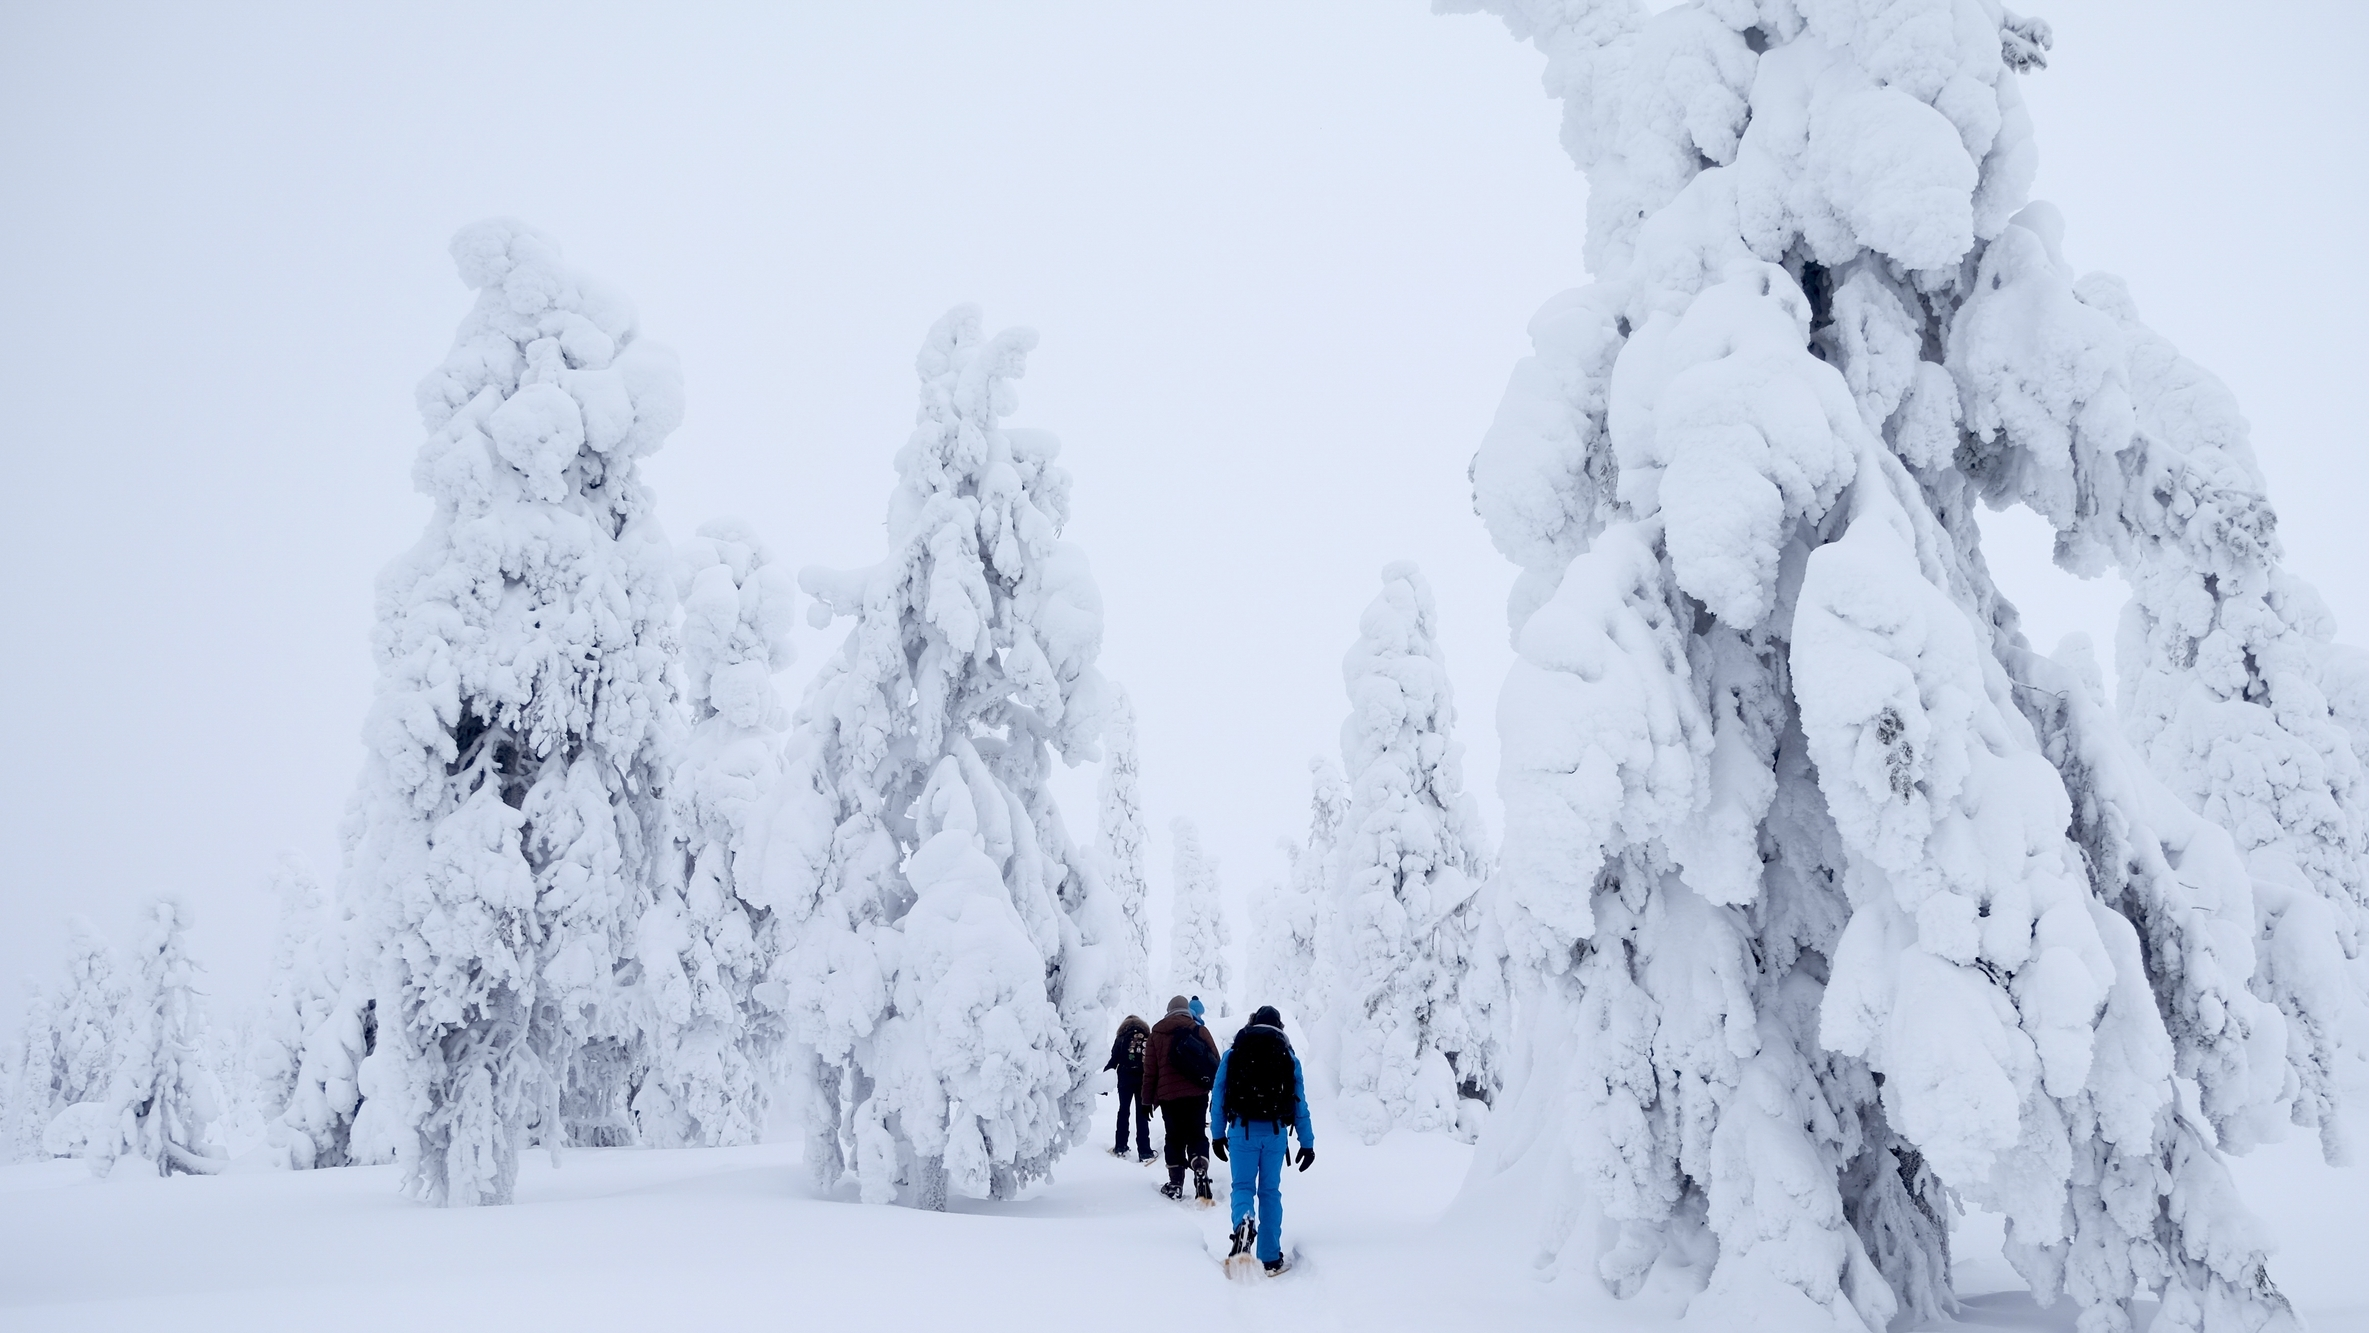 Phil-Finlande 103.jpg